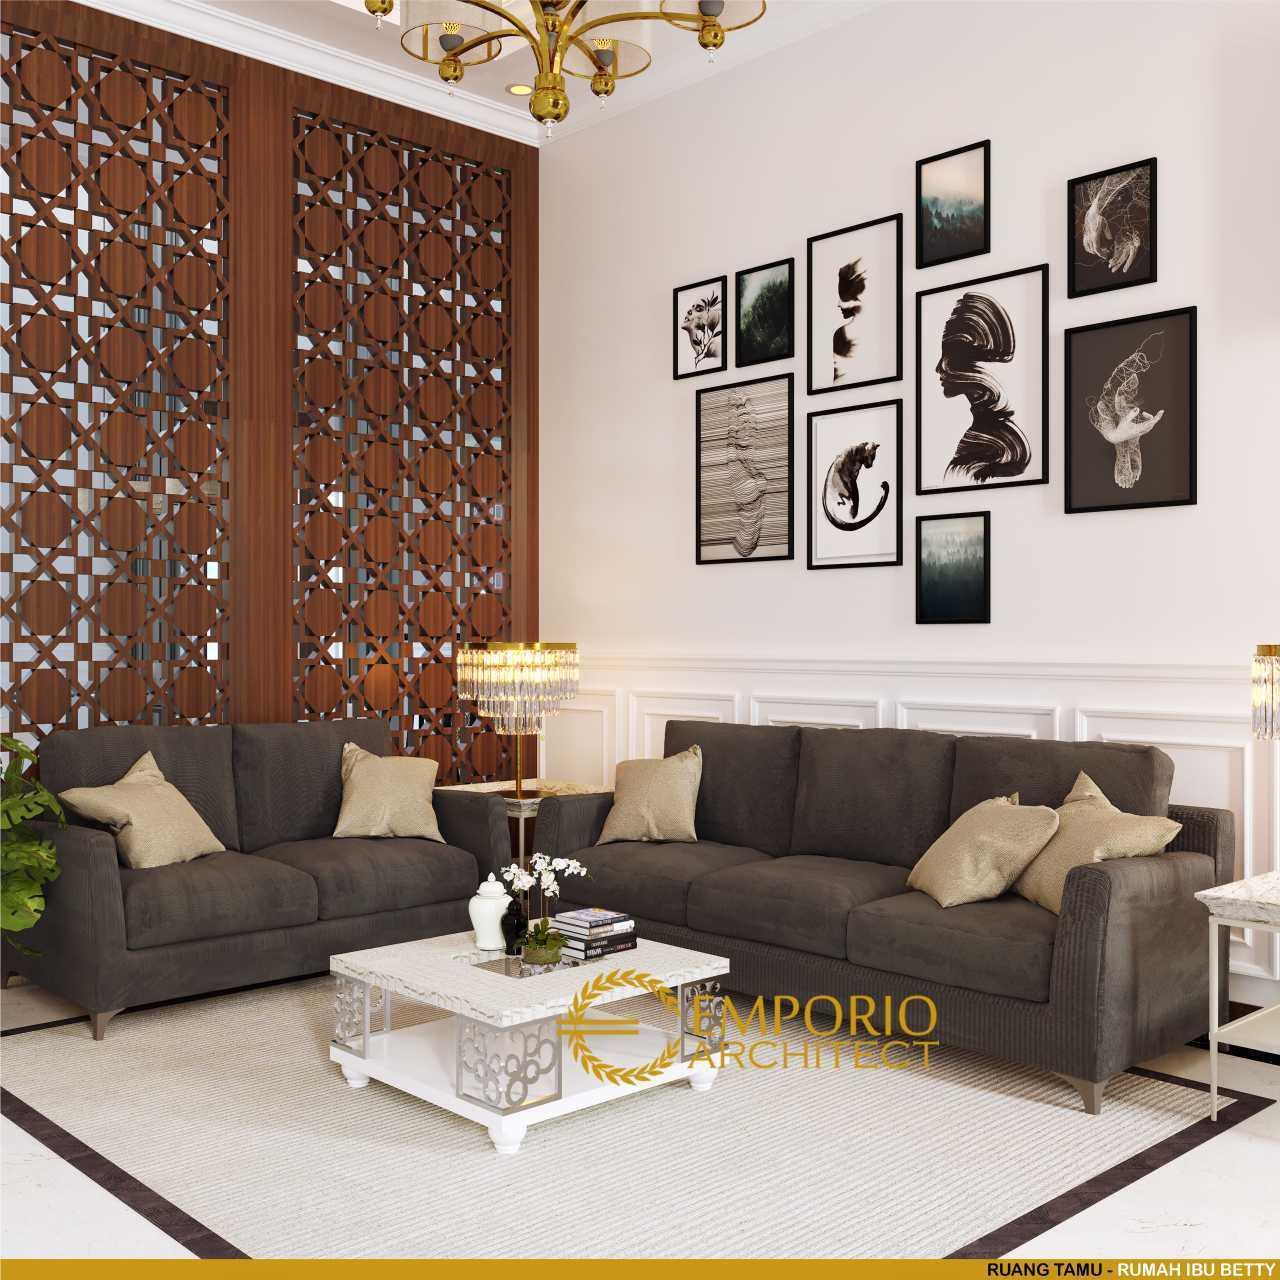 Emporio Architect Jasa Arsitek Bengkulu Desain Rumah Classic 2 Lantai 760 @ Bengkulu Bengkulu, Kota Bengkulu, Bengkulu, Indonesia Bengkulu, Kota Bengkulu, Bengkulu, Indonesia Emporio-Architect-Jasa-Arsitek-Bengkulu-Desain-Rumah-Classic-2-Lantai-760-Bengkulu  94376